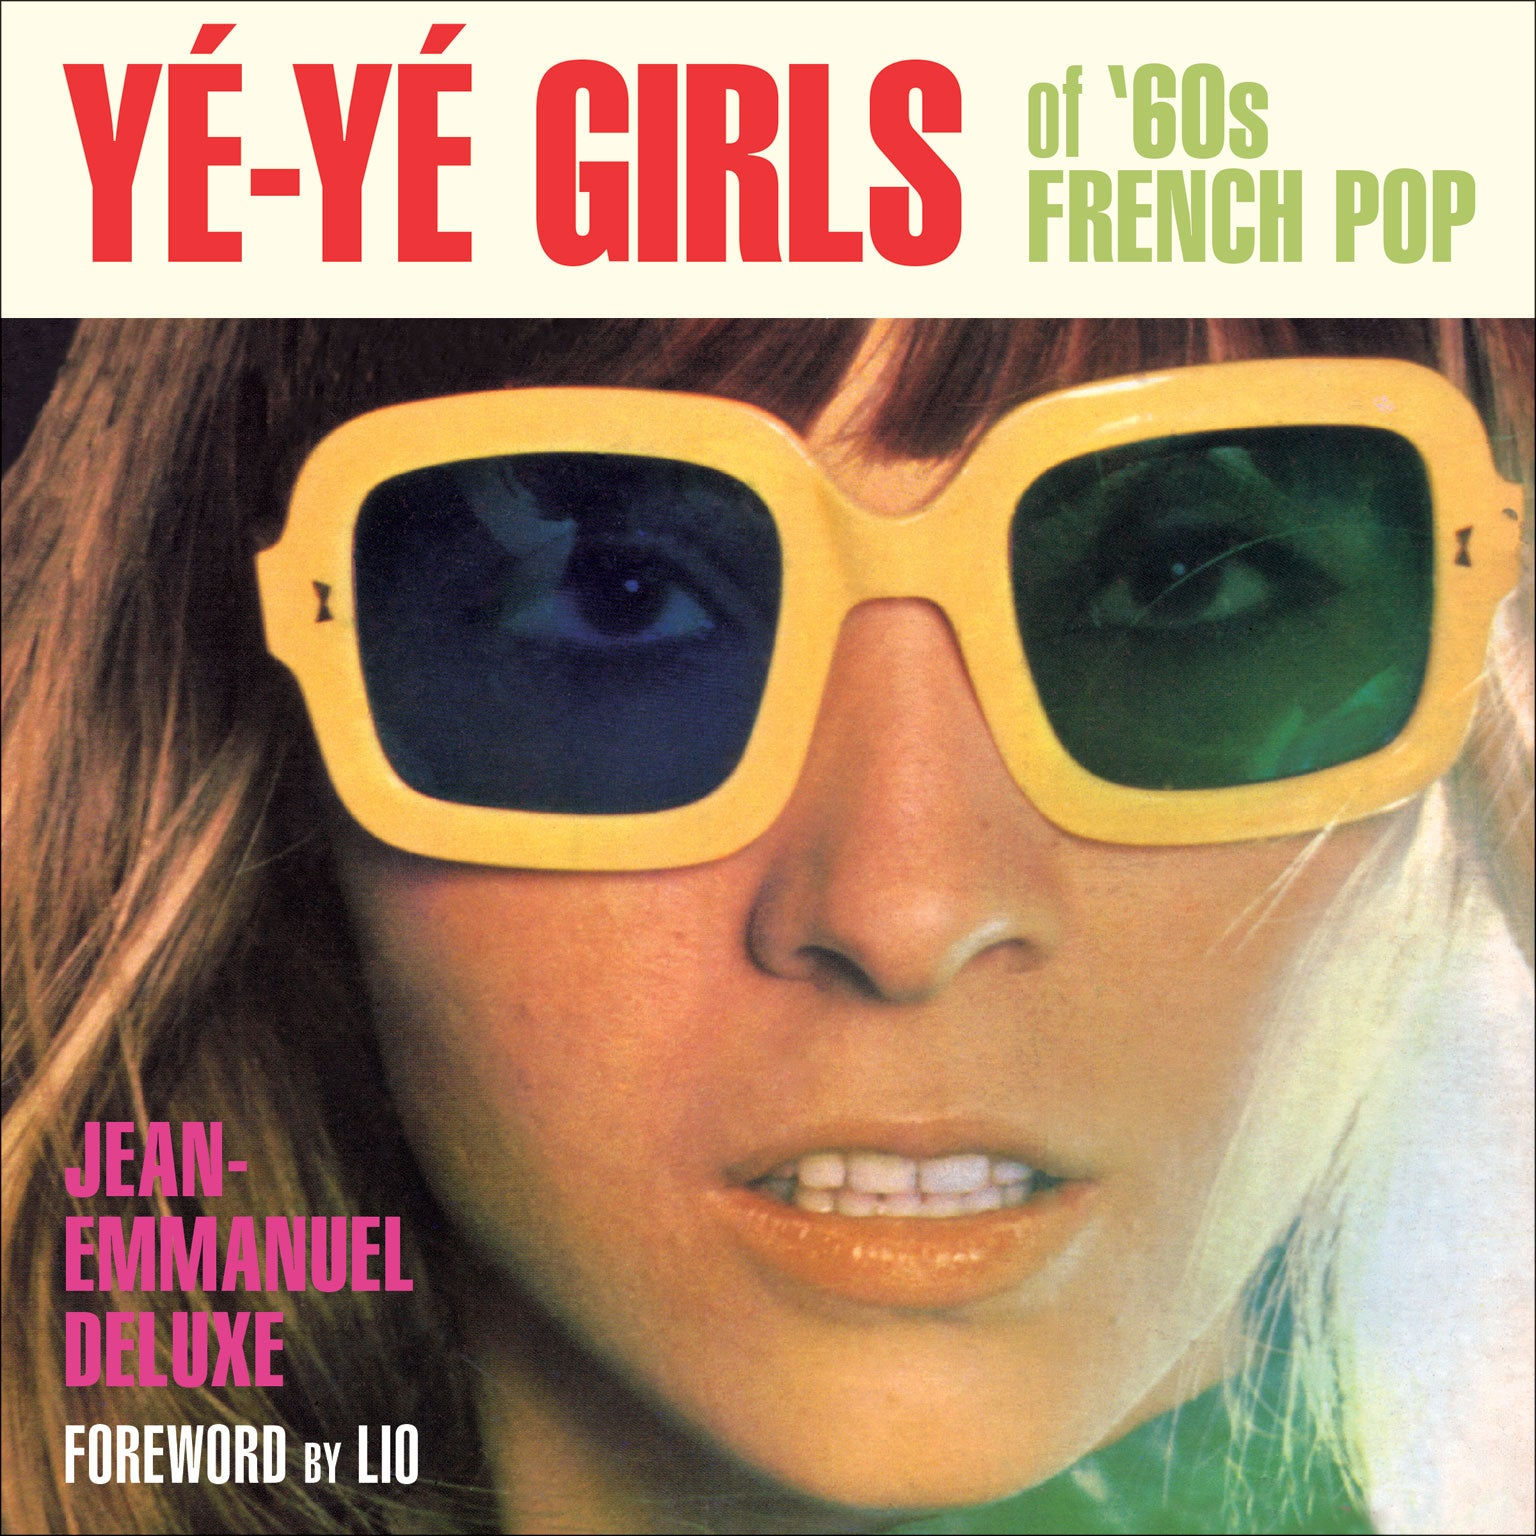 Les belles et le beat: The 'yé-yé girls' of French Sixties